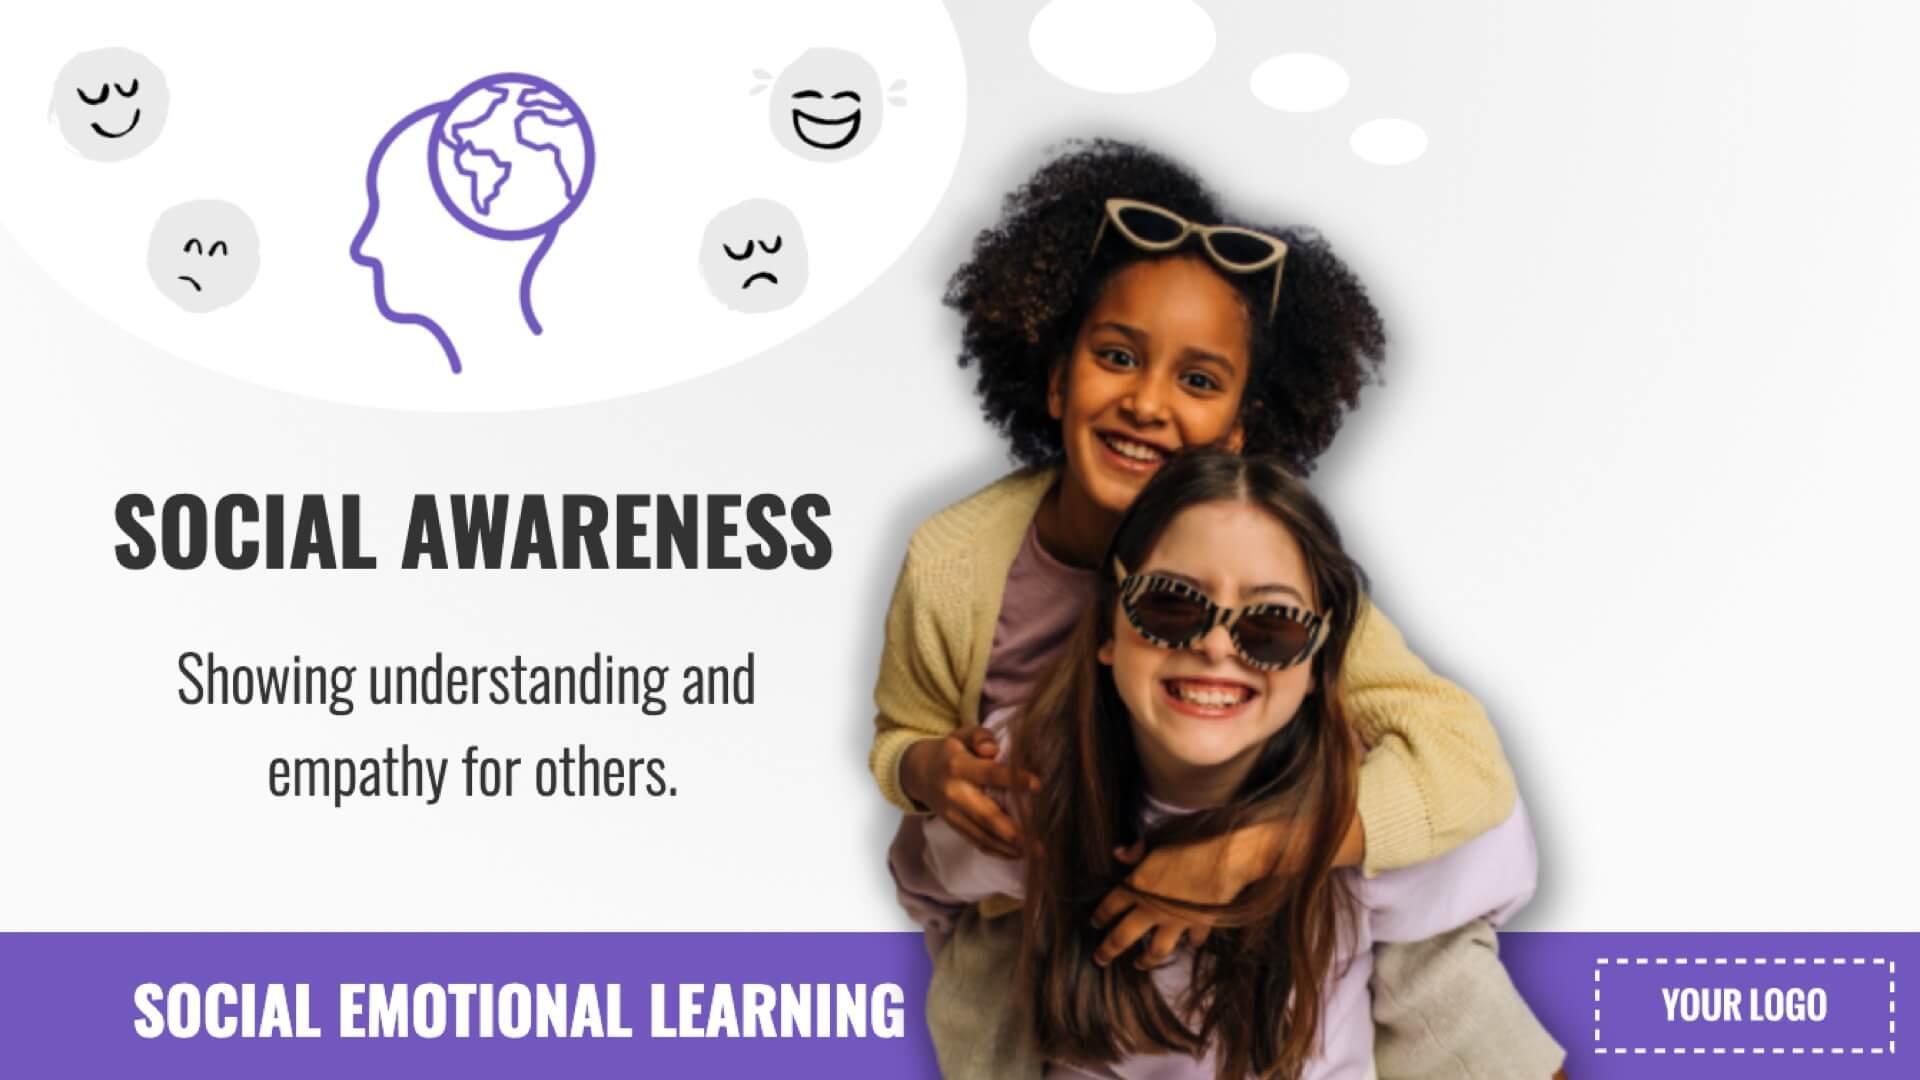 SEL - Social Awareness Digital Signage Template